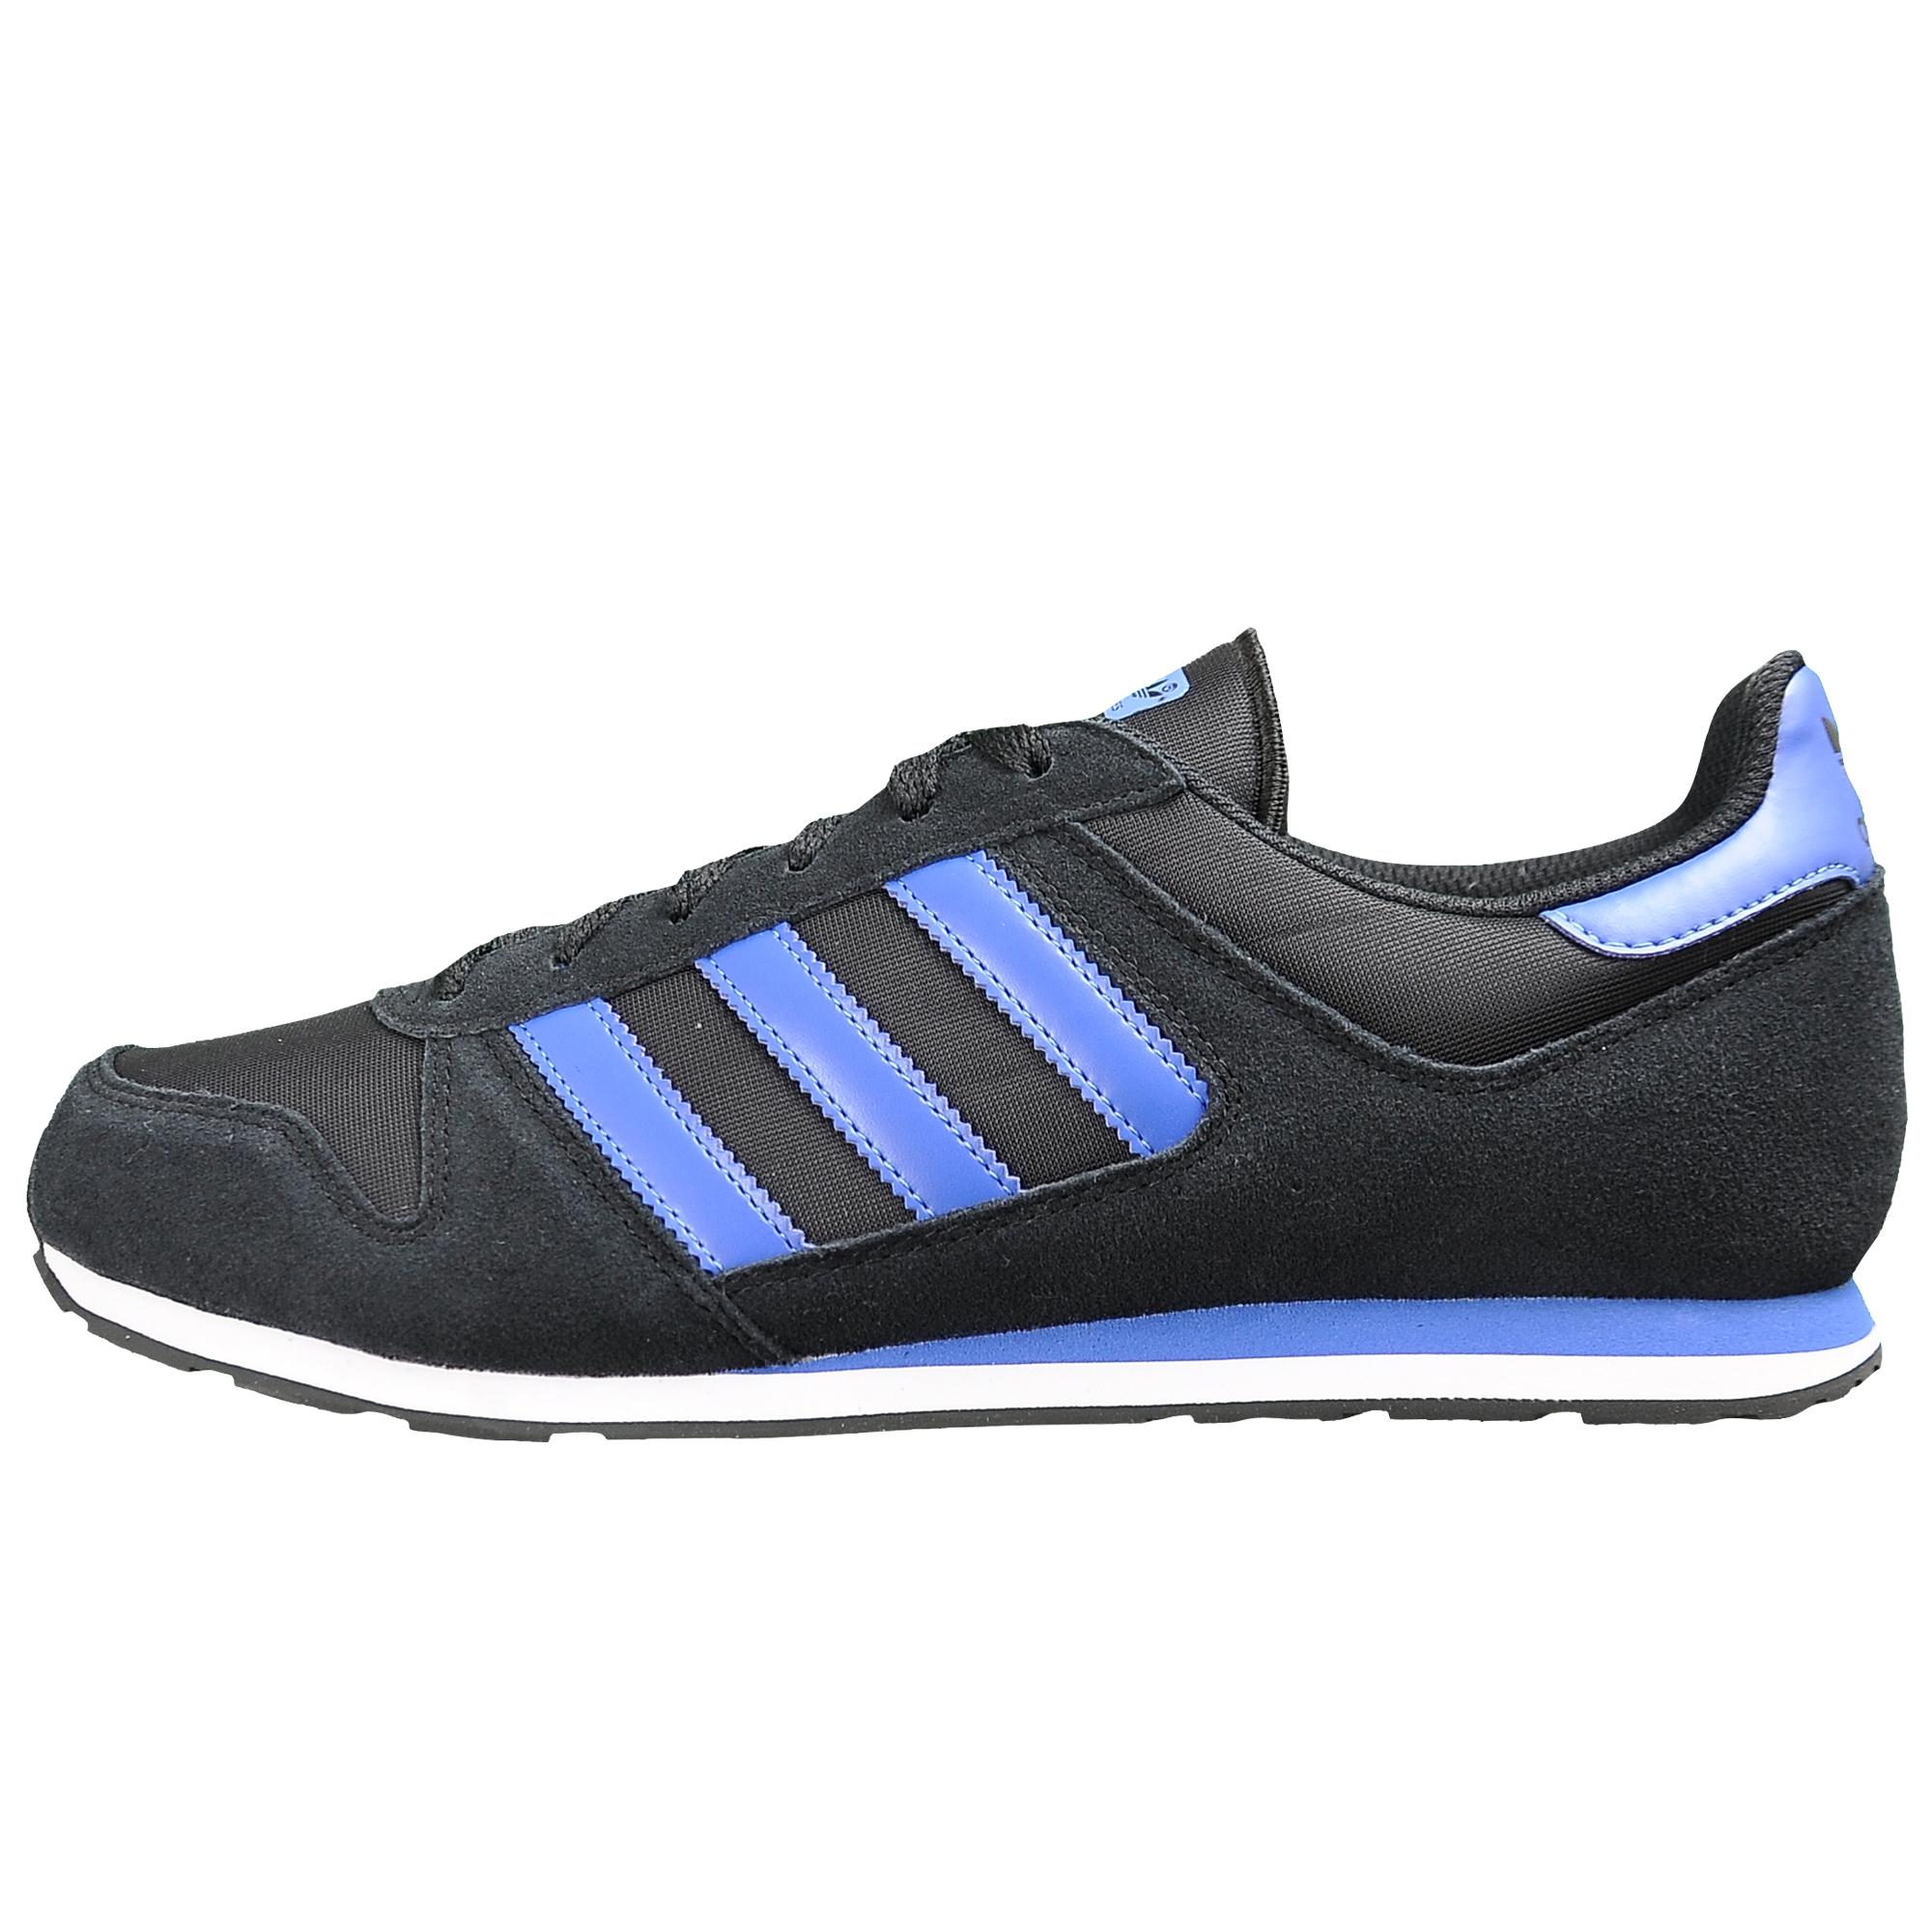 bce3d4990bba0 adidas Zx 300 Erkek Spor Ayakkabı  G60272 - Barcin.com